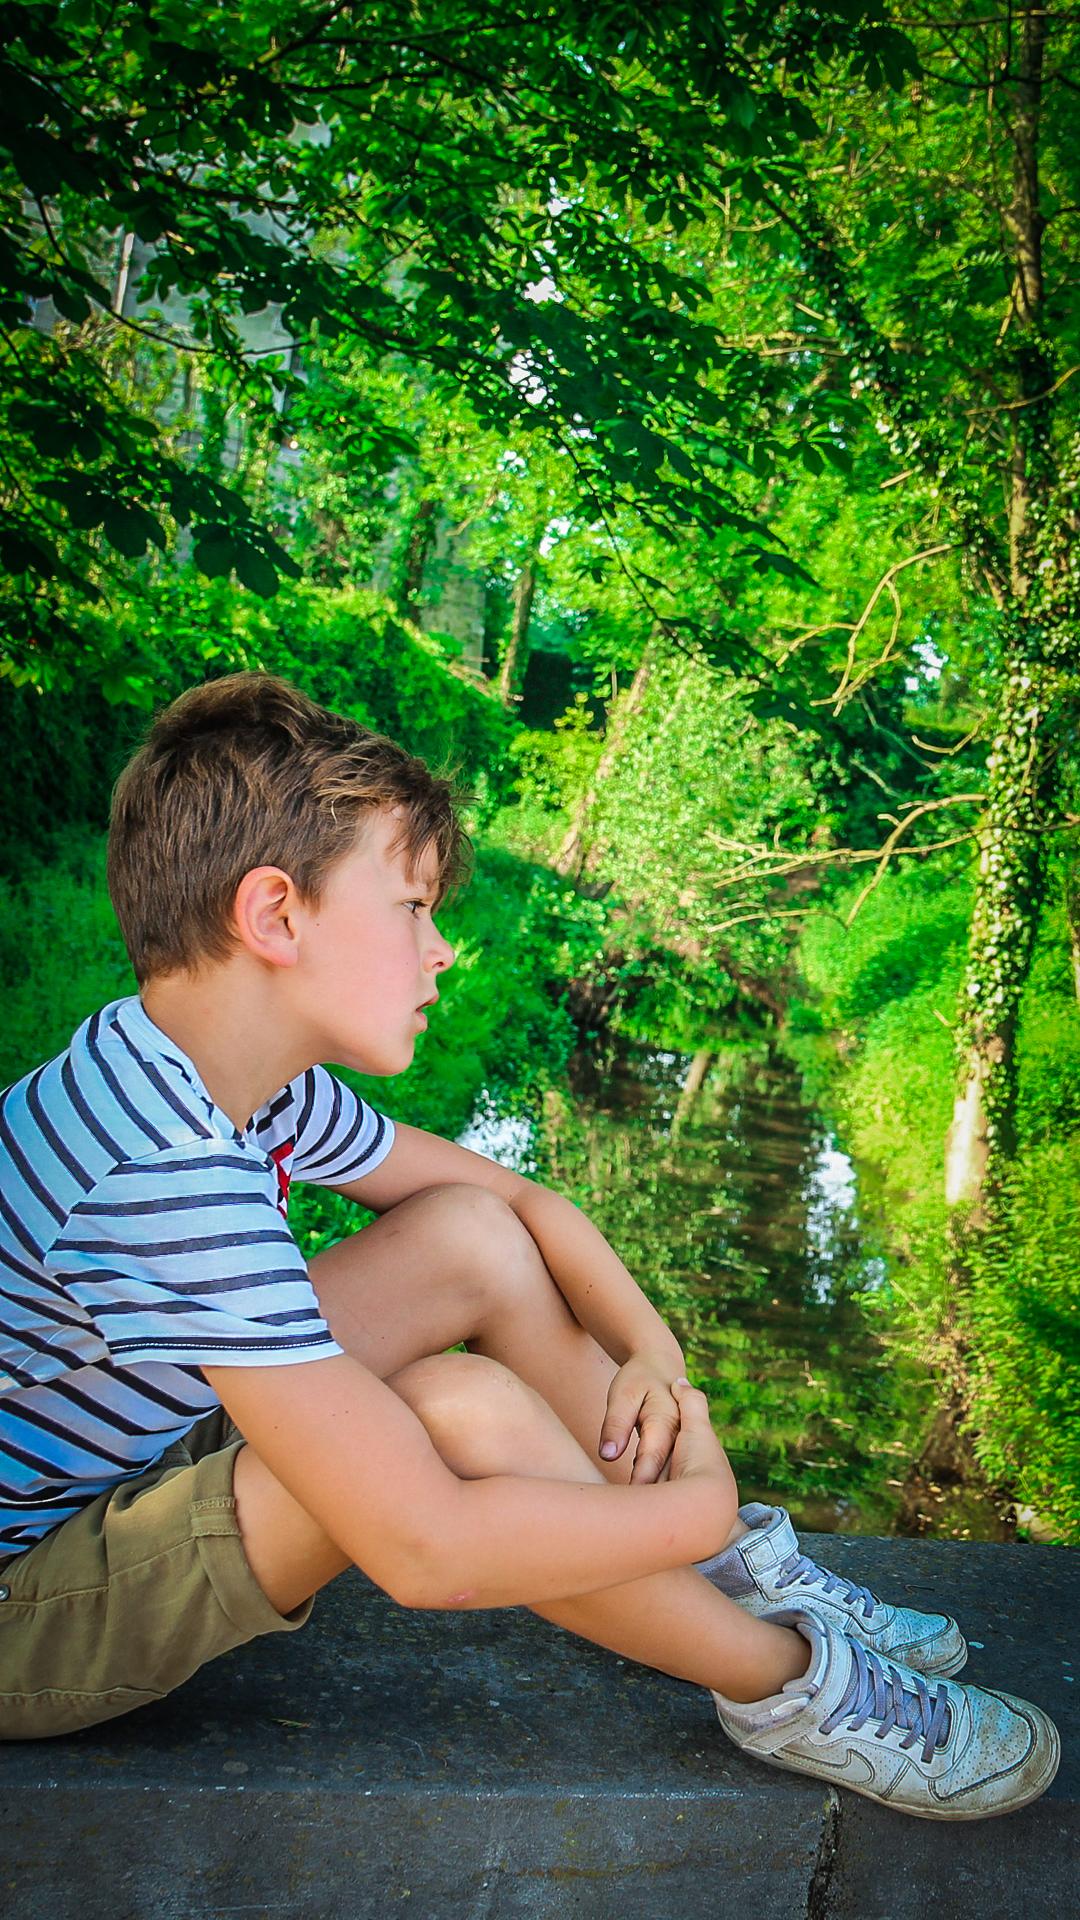 GiaZoo_Met_kinderen_onderweg_Maastricht_Zuidlimburg_limburglonkt-27.JPG